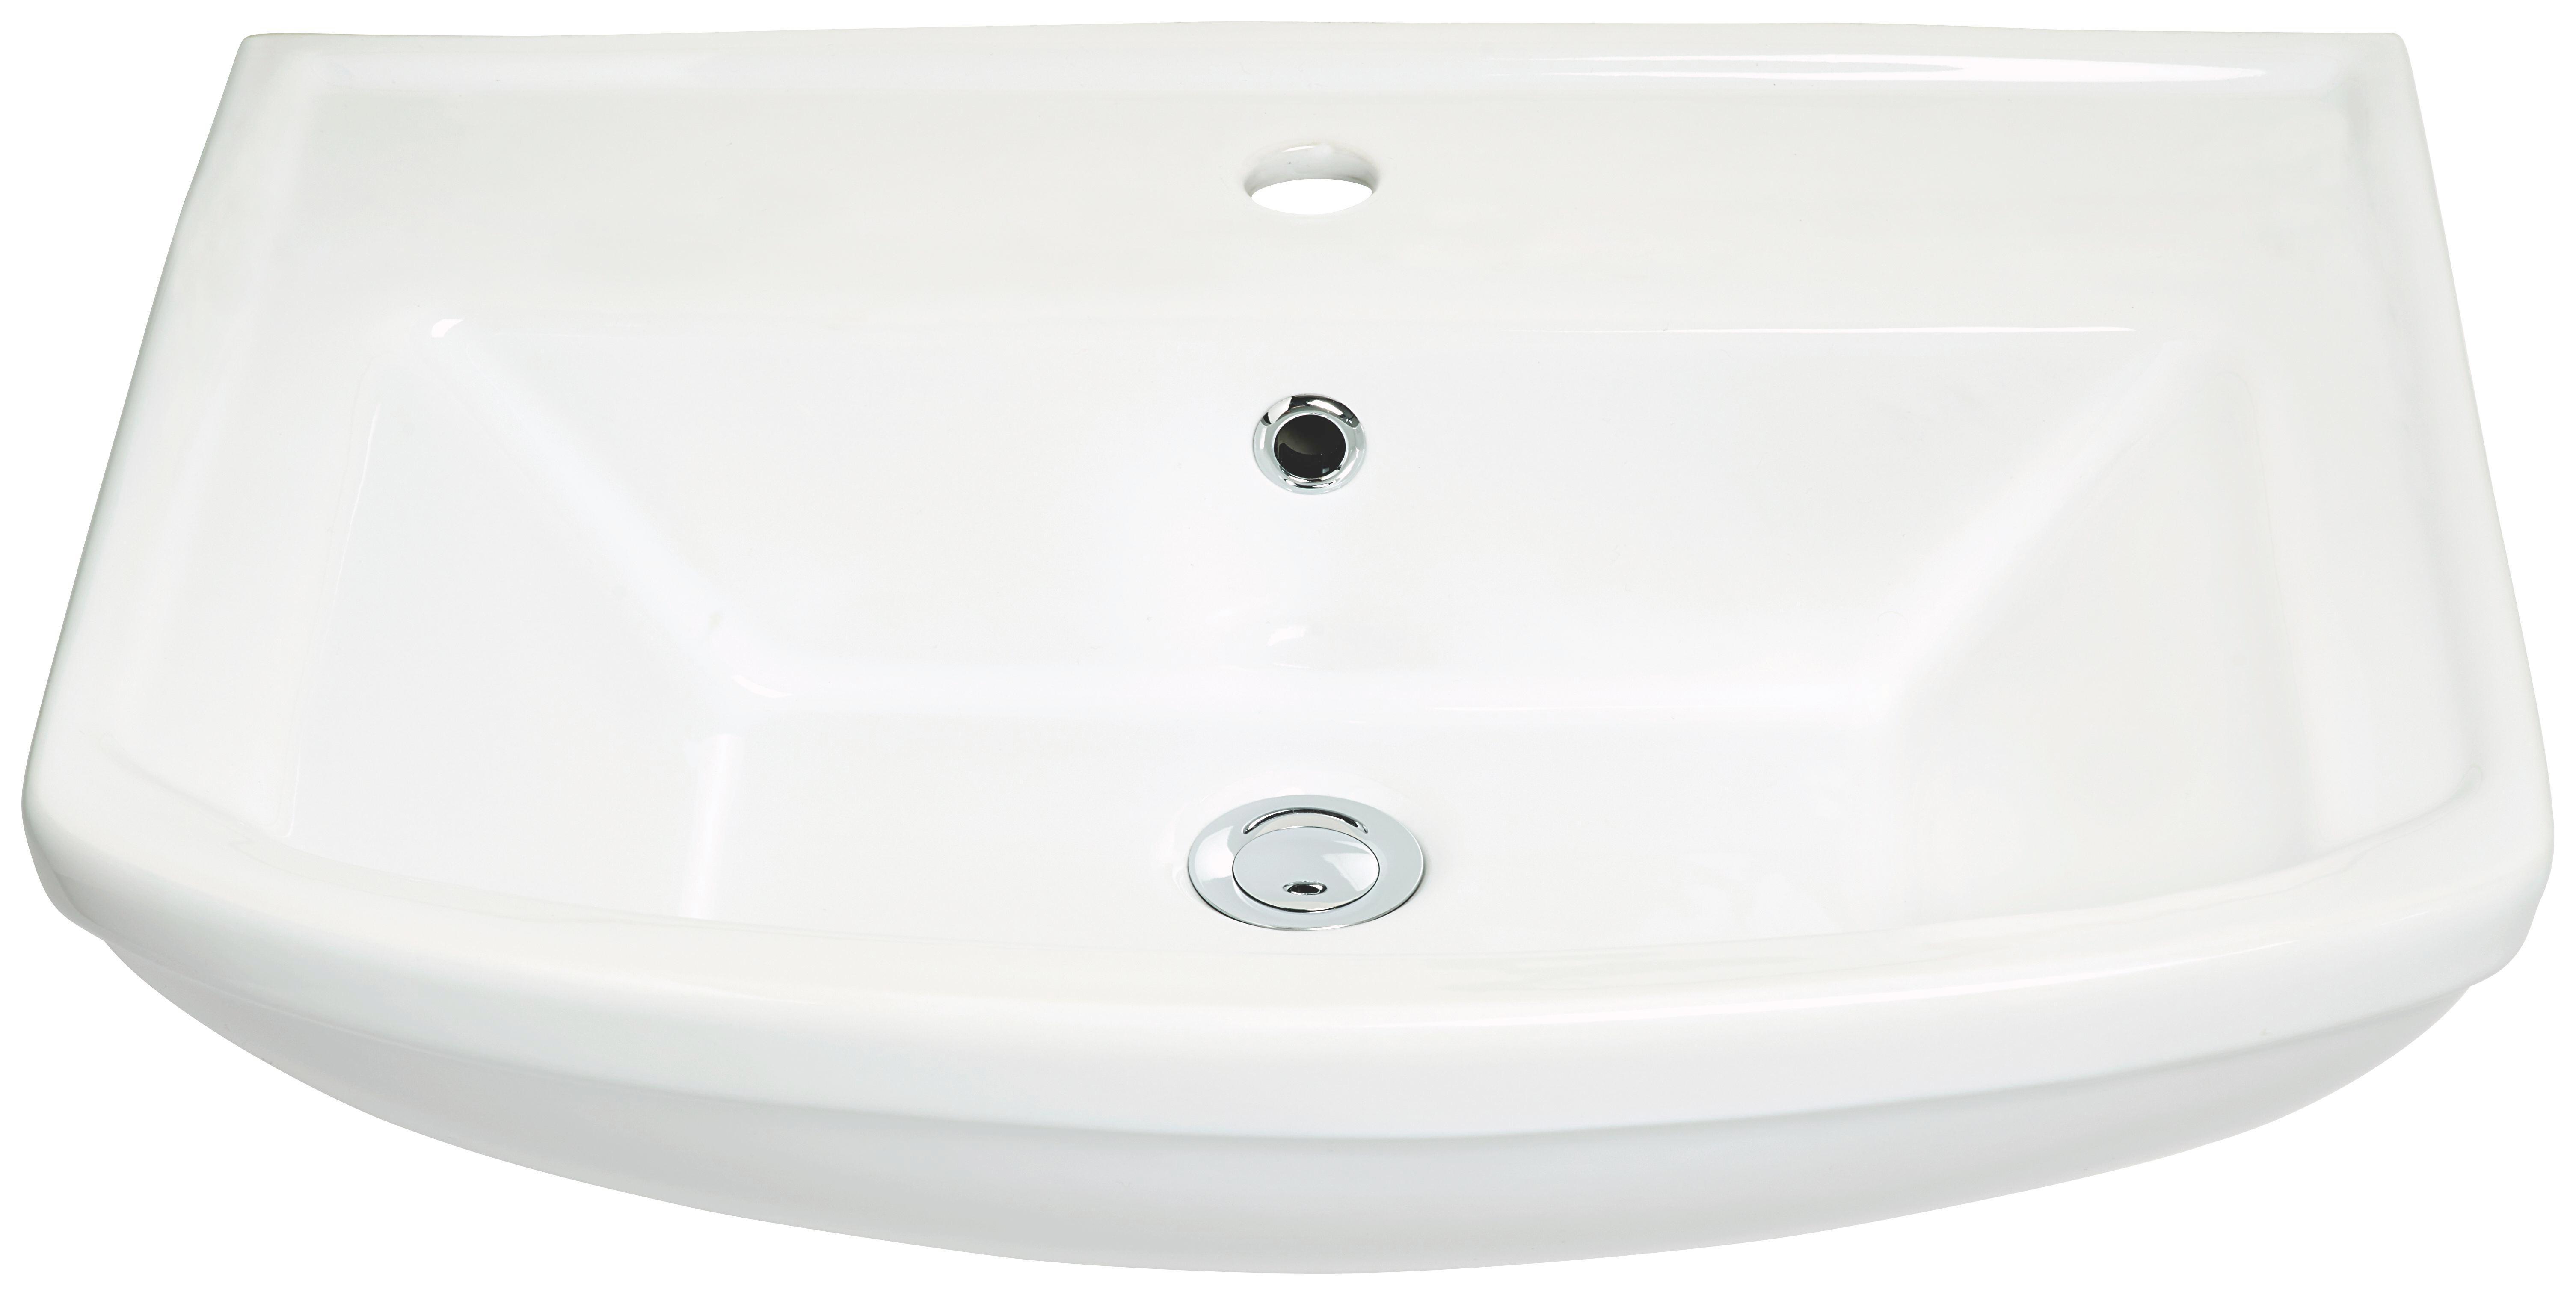 Waschbecken in Weiß, ca. 60cm - Weiß, Keramik (61/18/48,5cm) - MÖMAX modern living